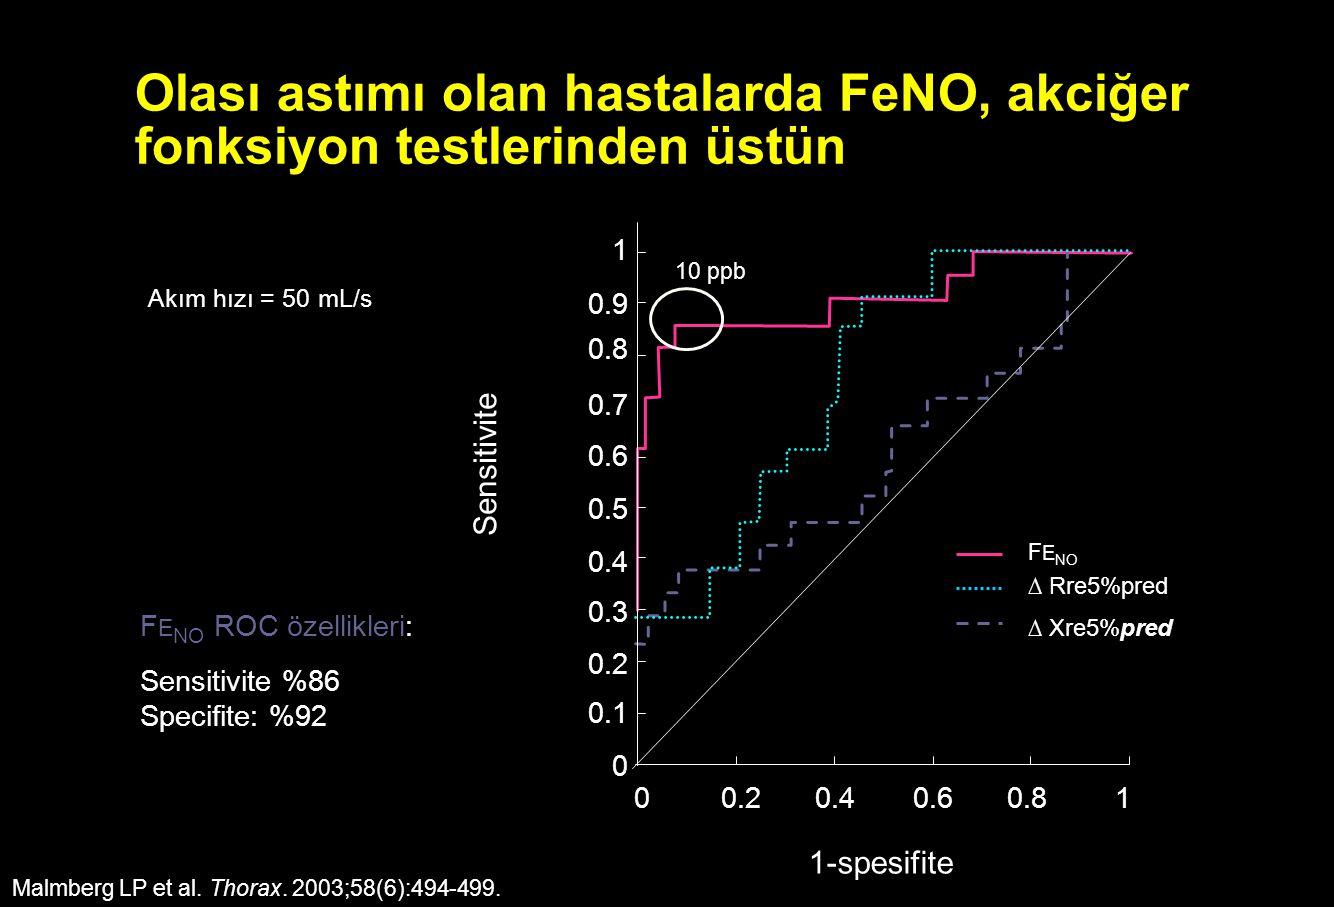 Olası astımı olan hastalarda FeNO, akciğer fonksiyon testlerinden üstün